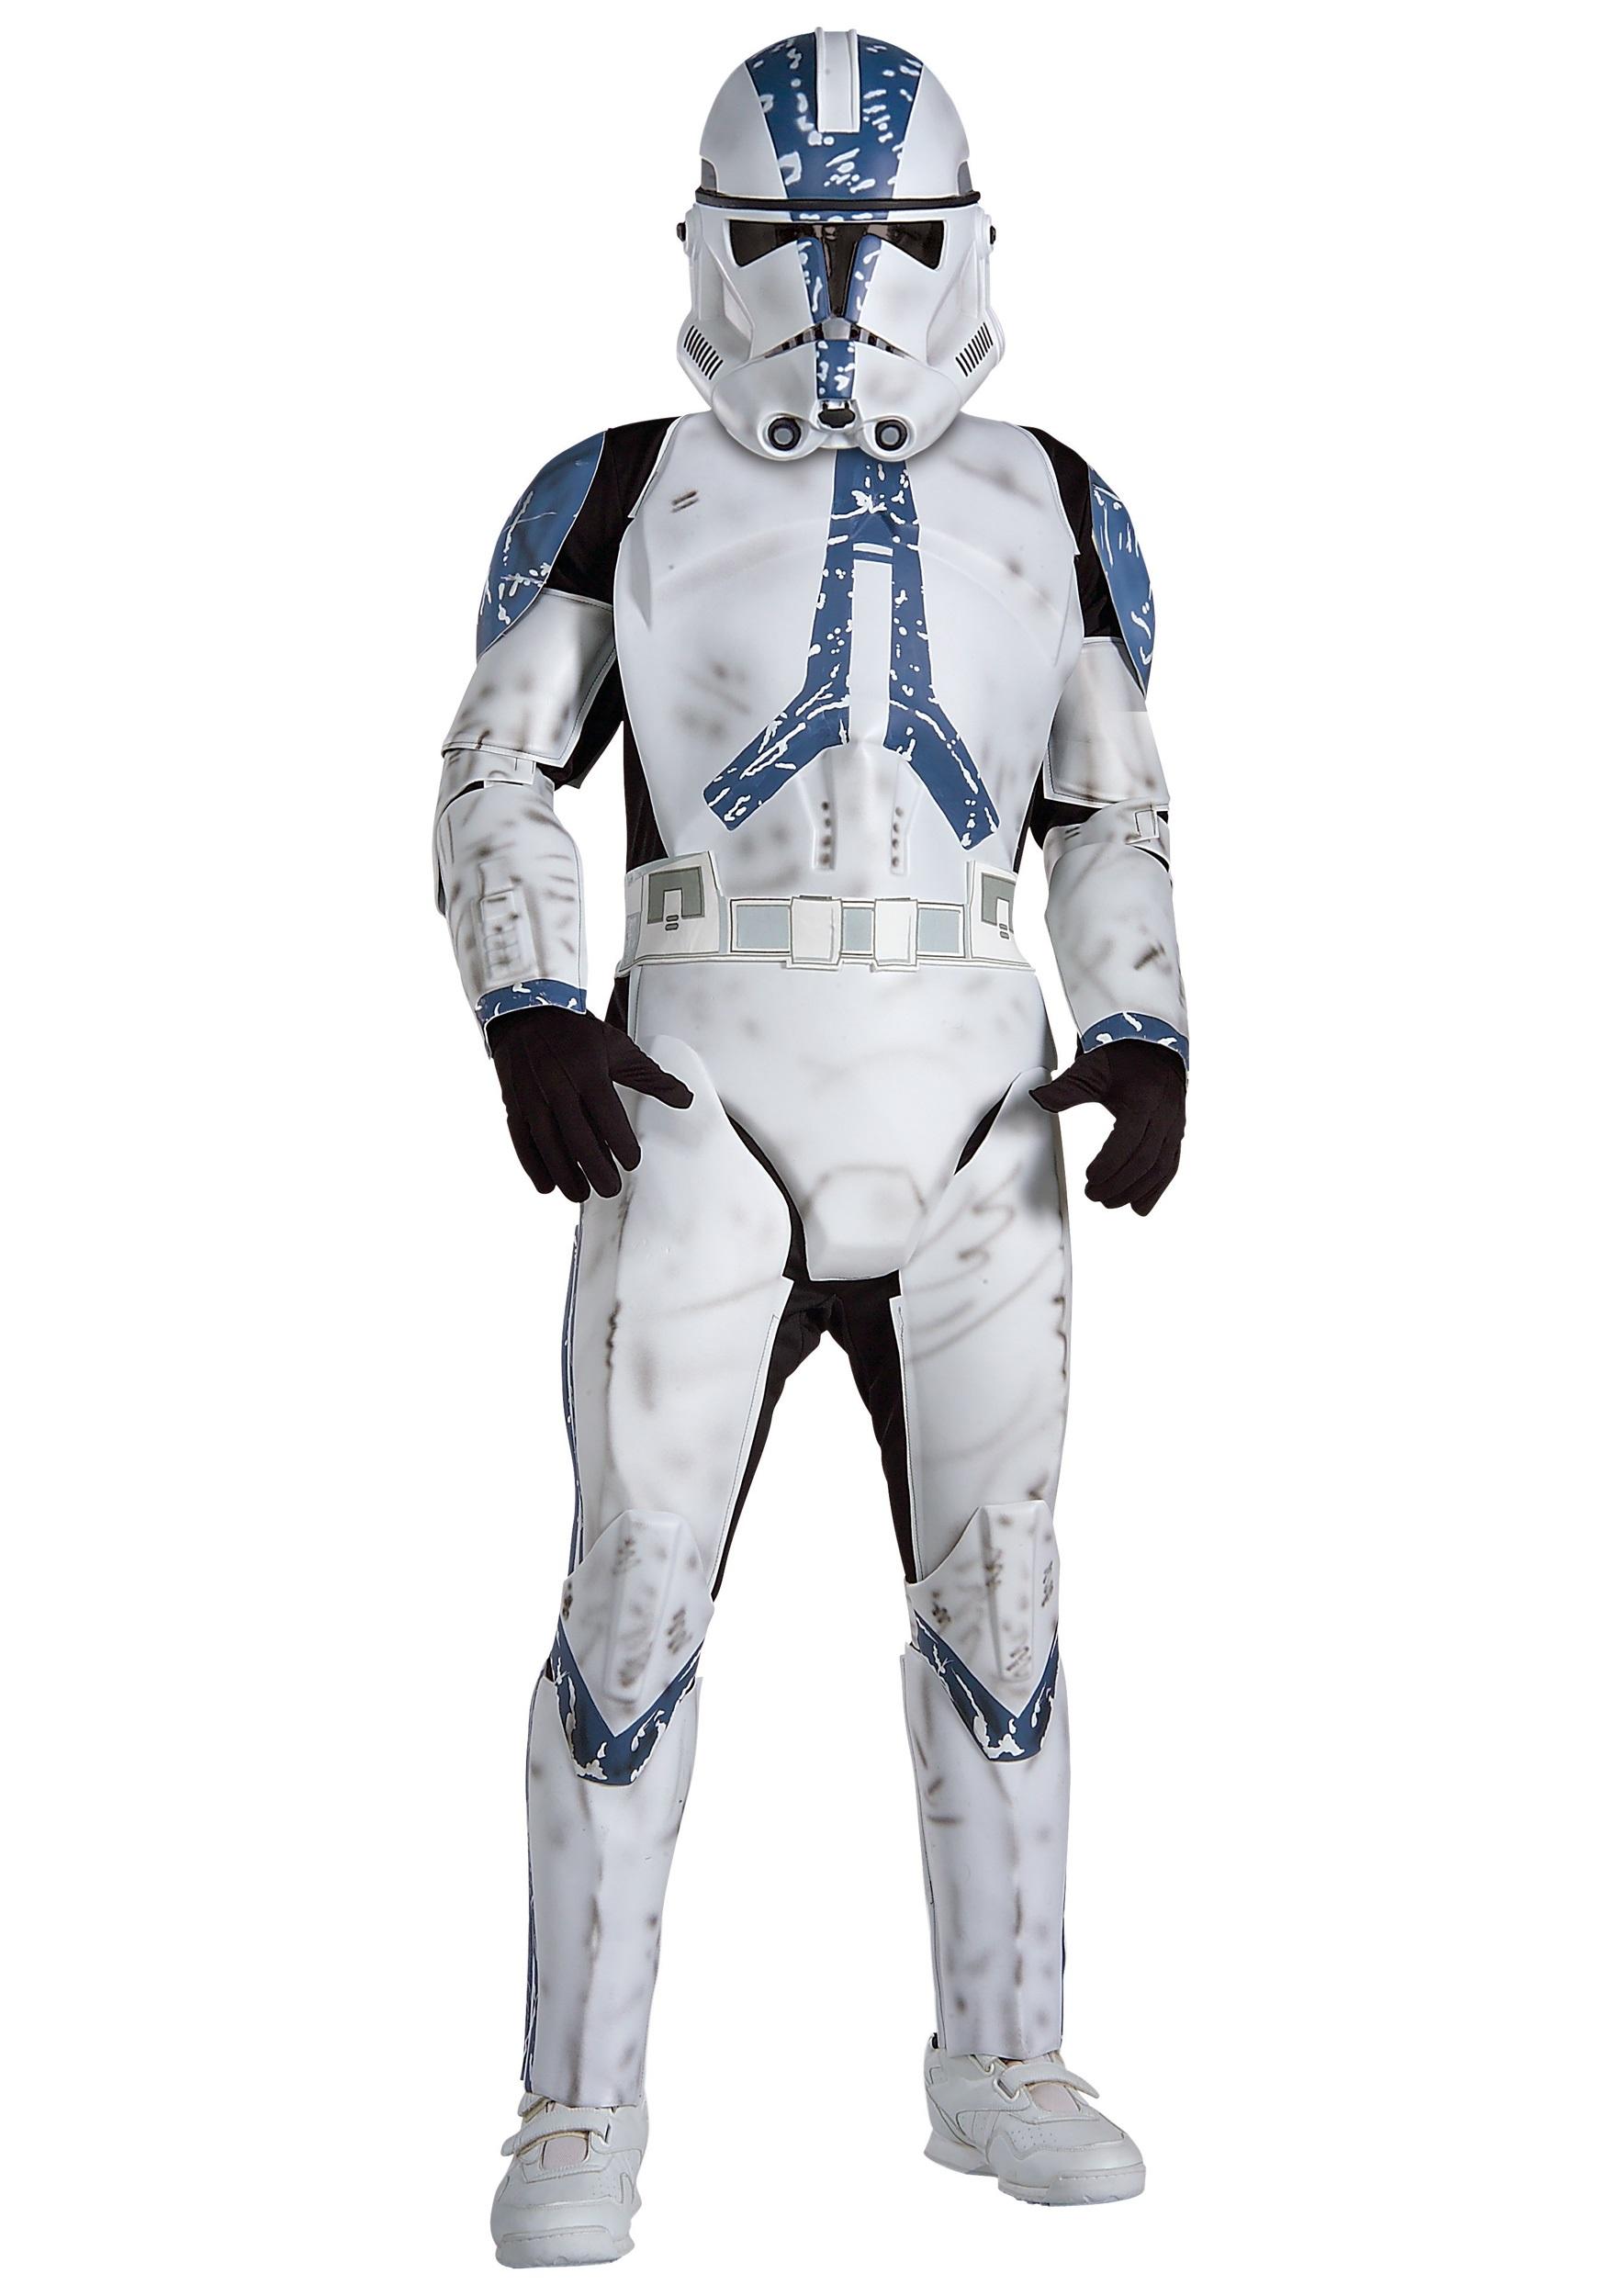 Kids Republic Clone Trooper Deluxe Costume RU882015